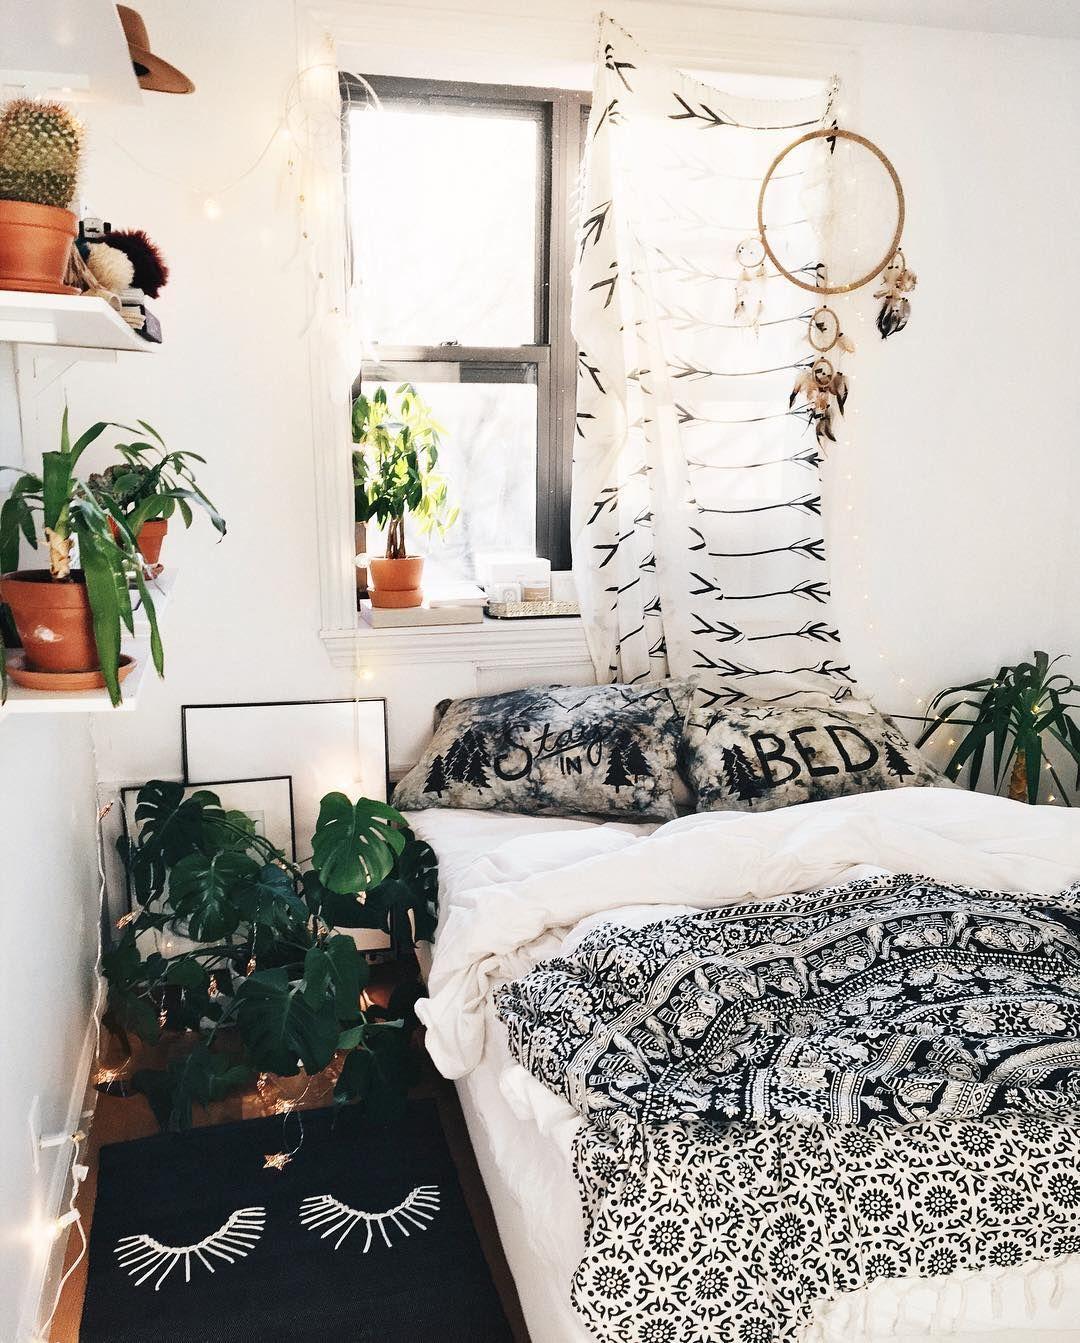 Habitaciones De Ensueño Dormitorios Decoracion De: Pinterest // @alexandrahuffy ˜� ˜�